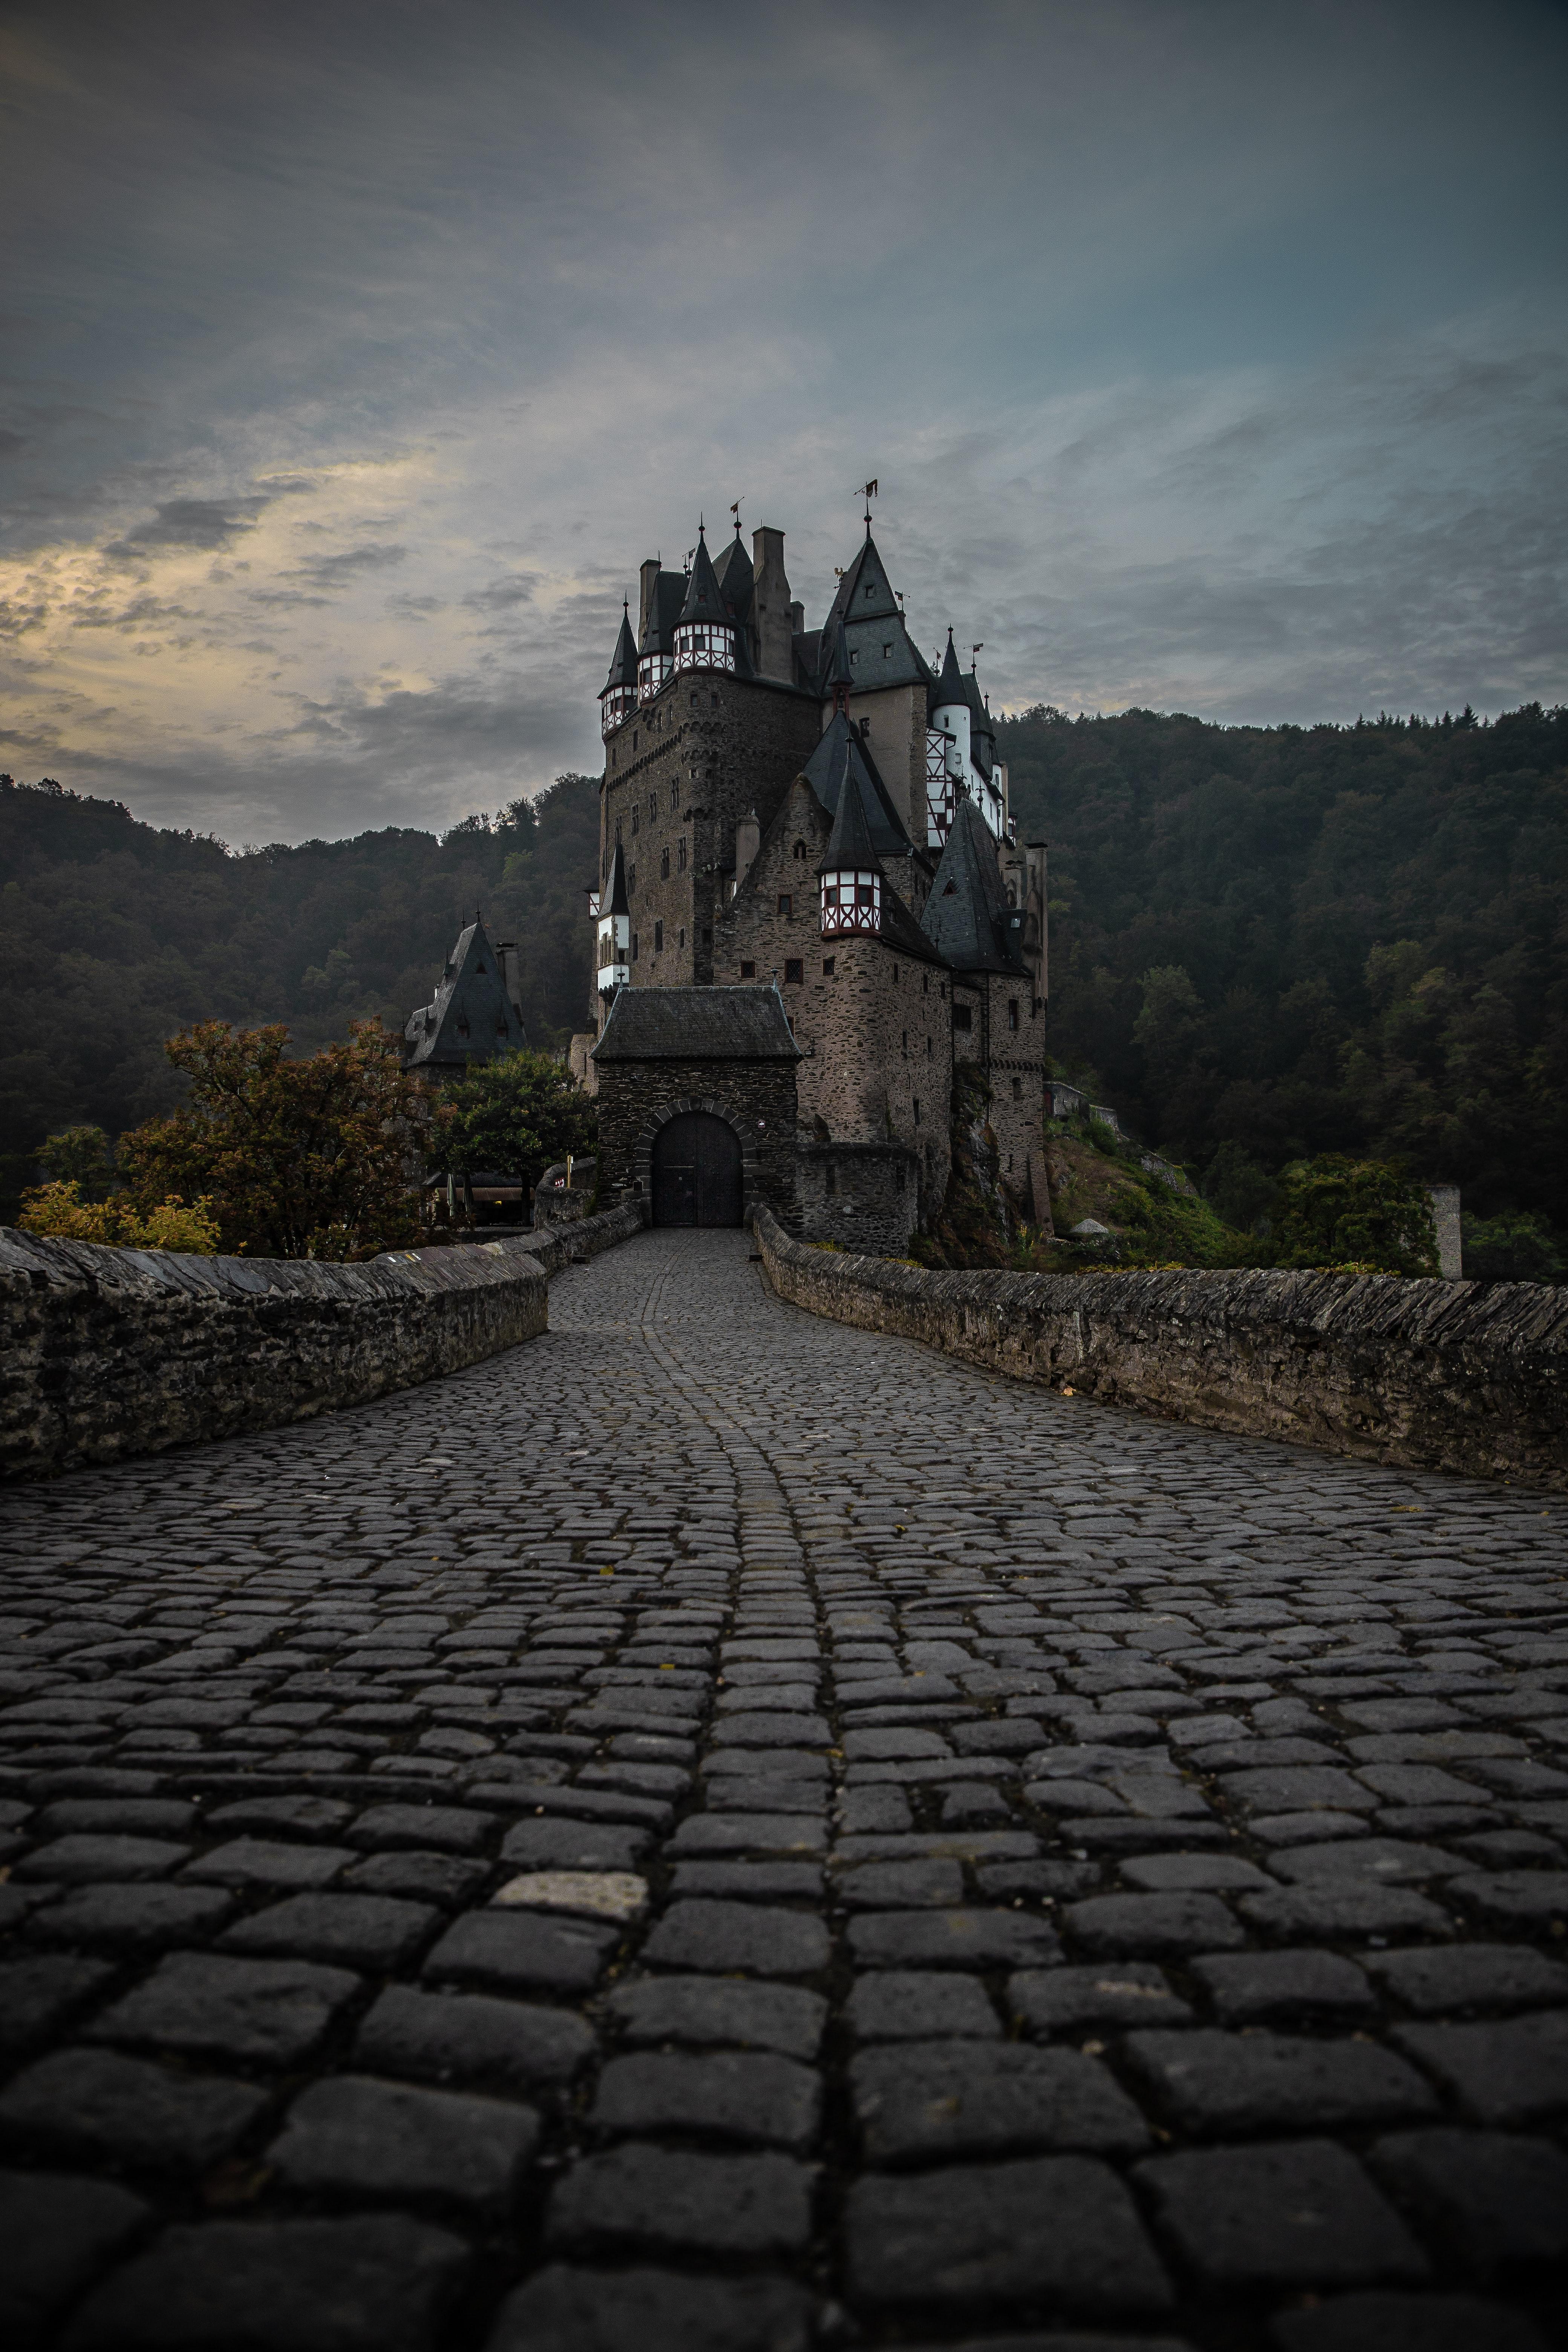 101675 скачать обои Архитектура, Замок, Разное, Старый, Каменный, Здание - заставки и картинки бесплатно